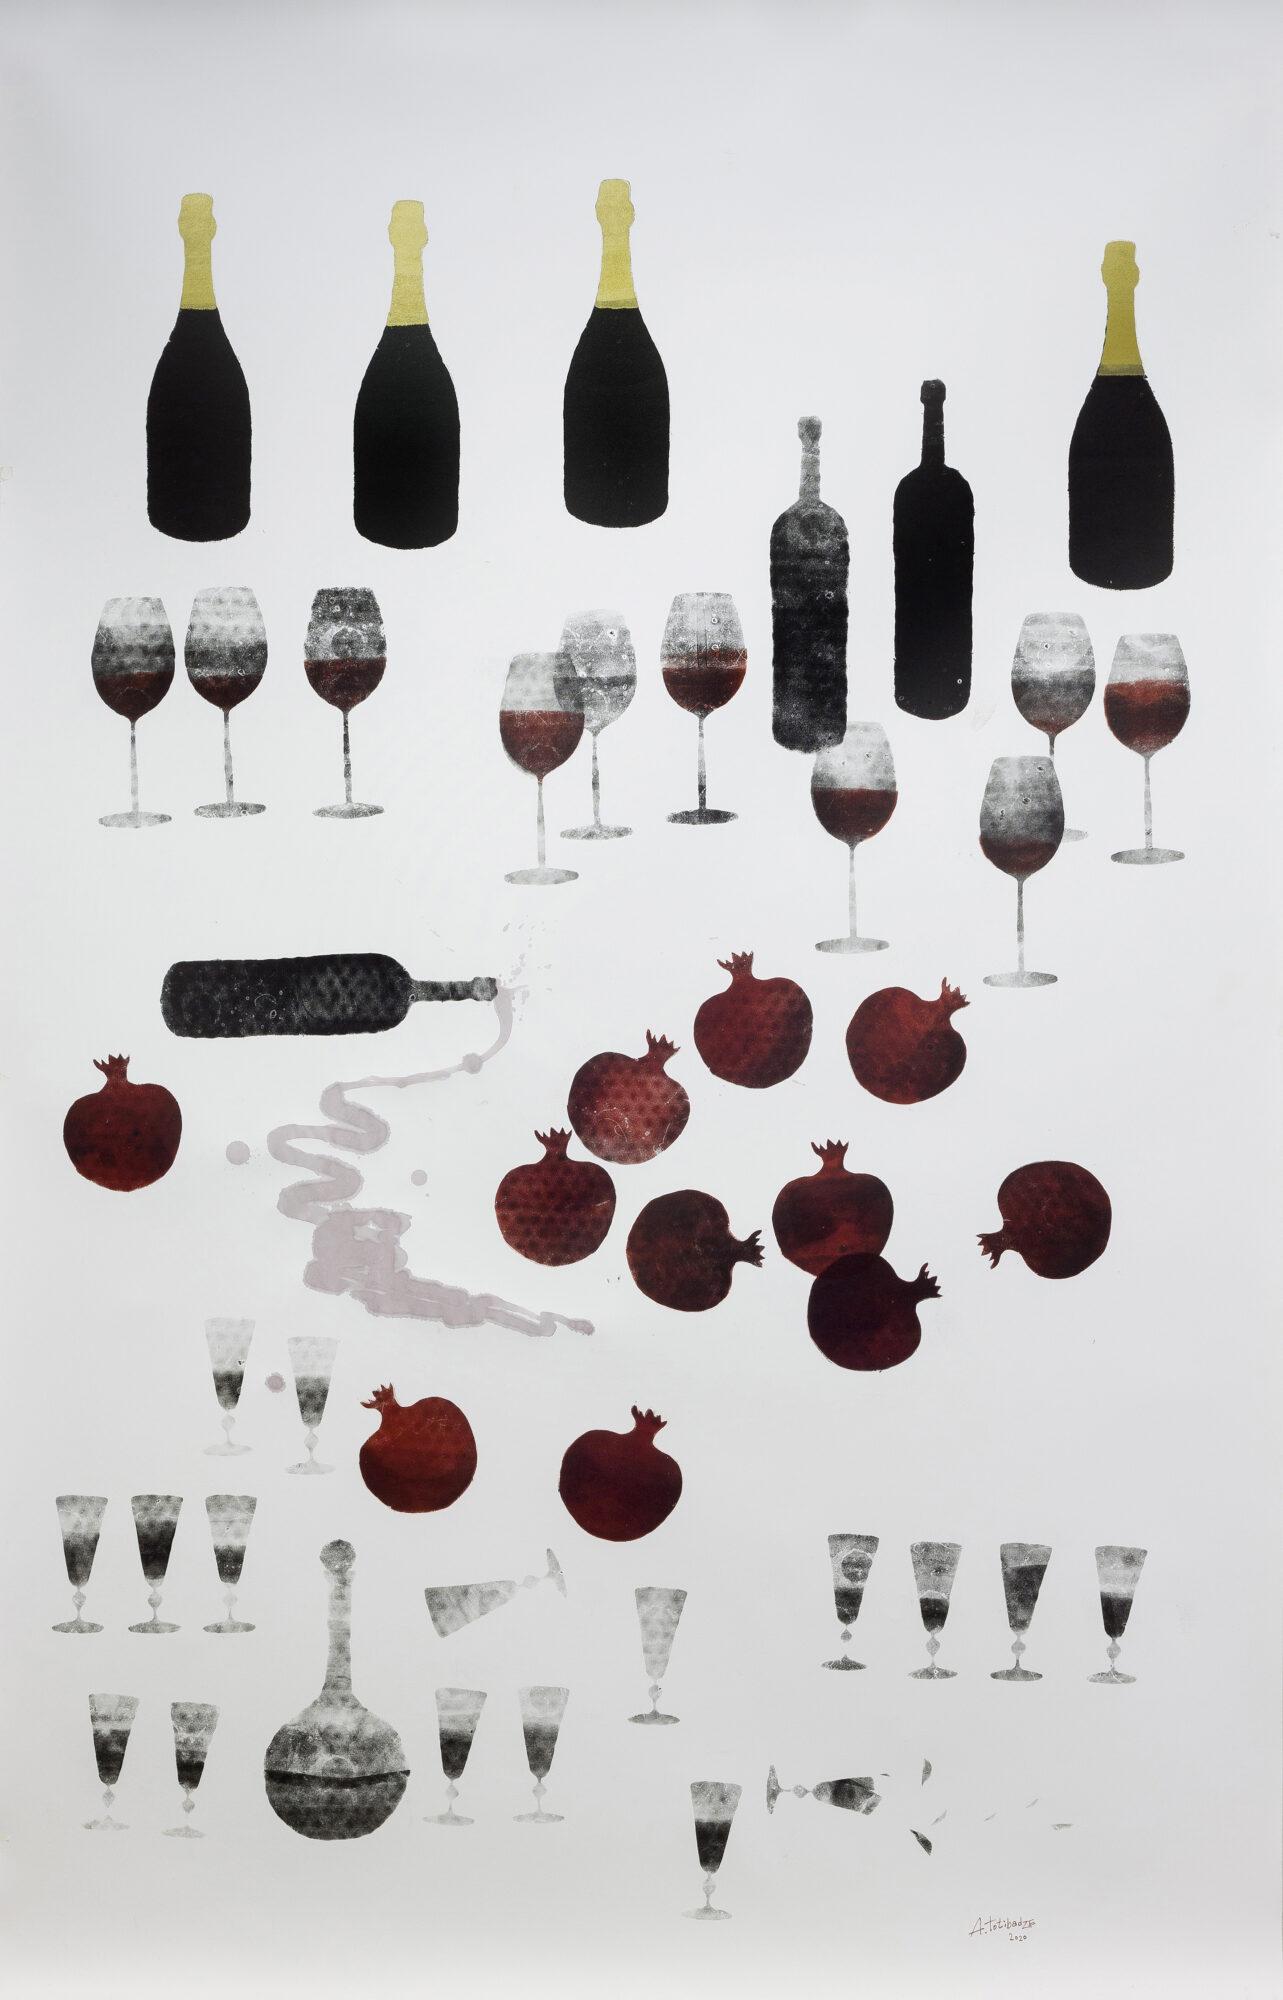 Антон Тотибадзе. Кутёж – III, 2020. Бумага, офортная краска, вино, 198 x 127 см